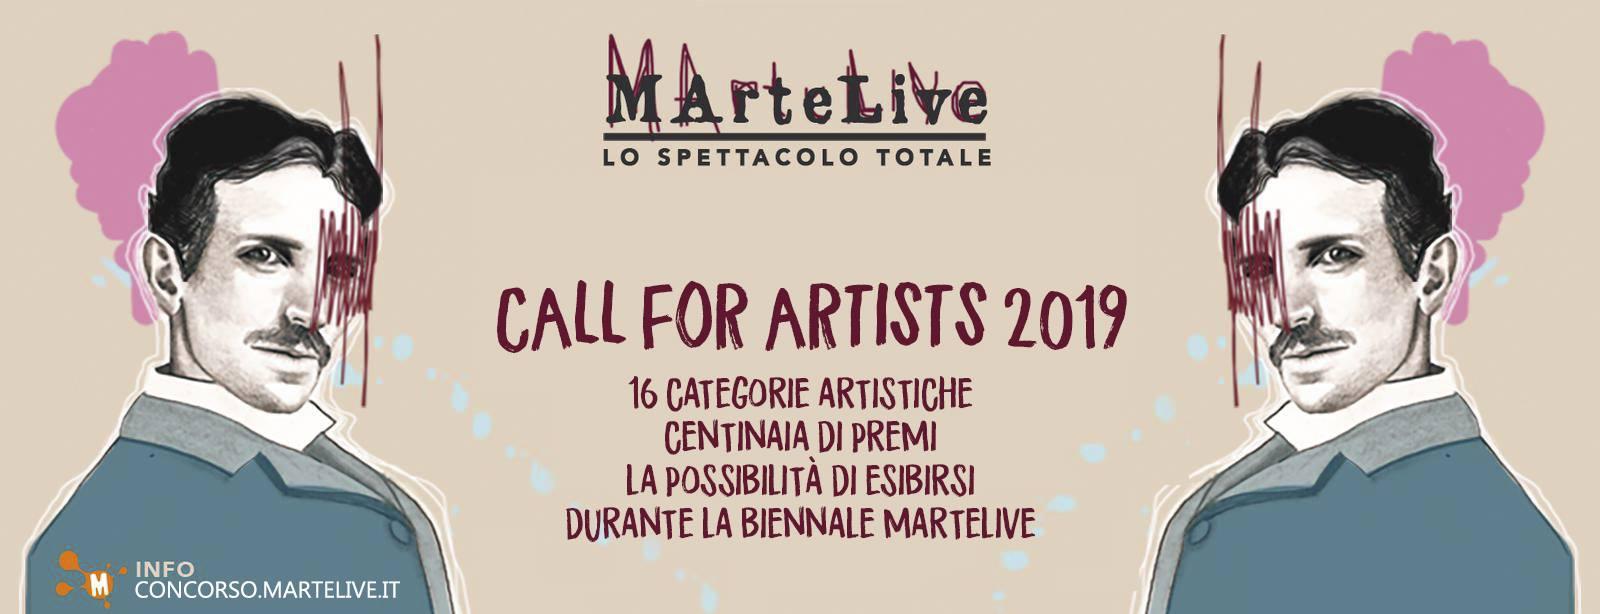 MArteLive arriva in Sicilia e seleziona artisti #callforartists2019